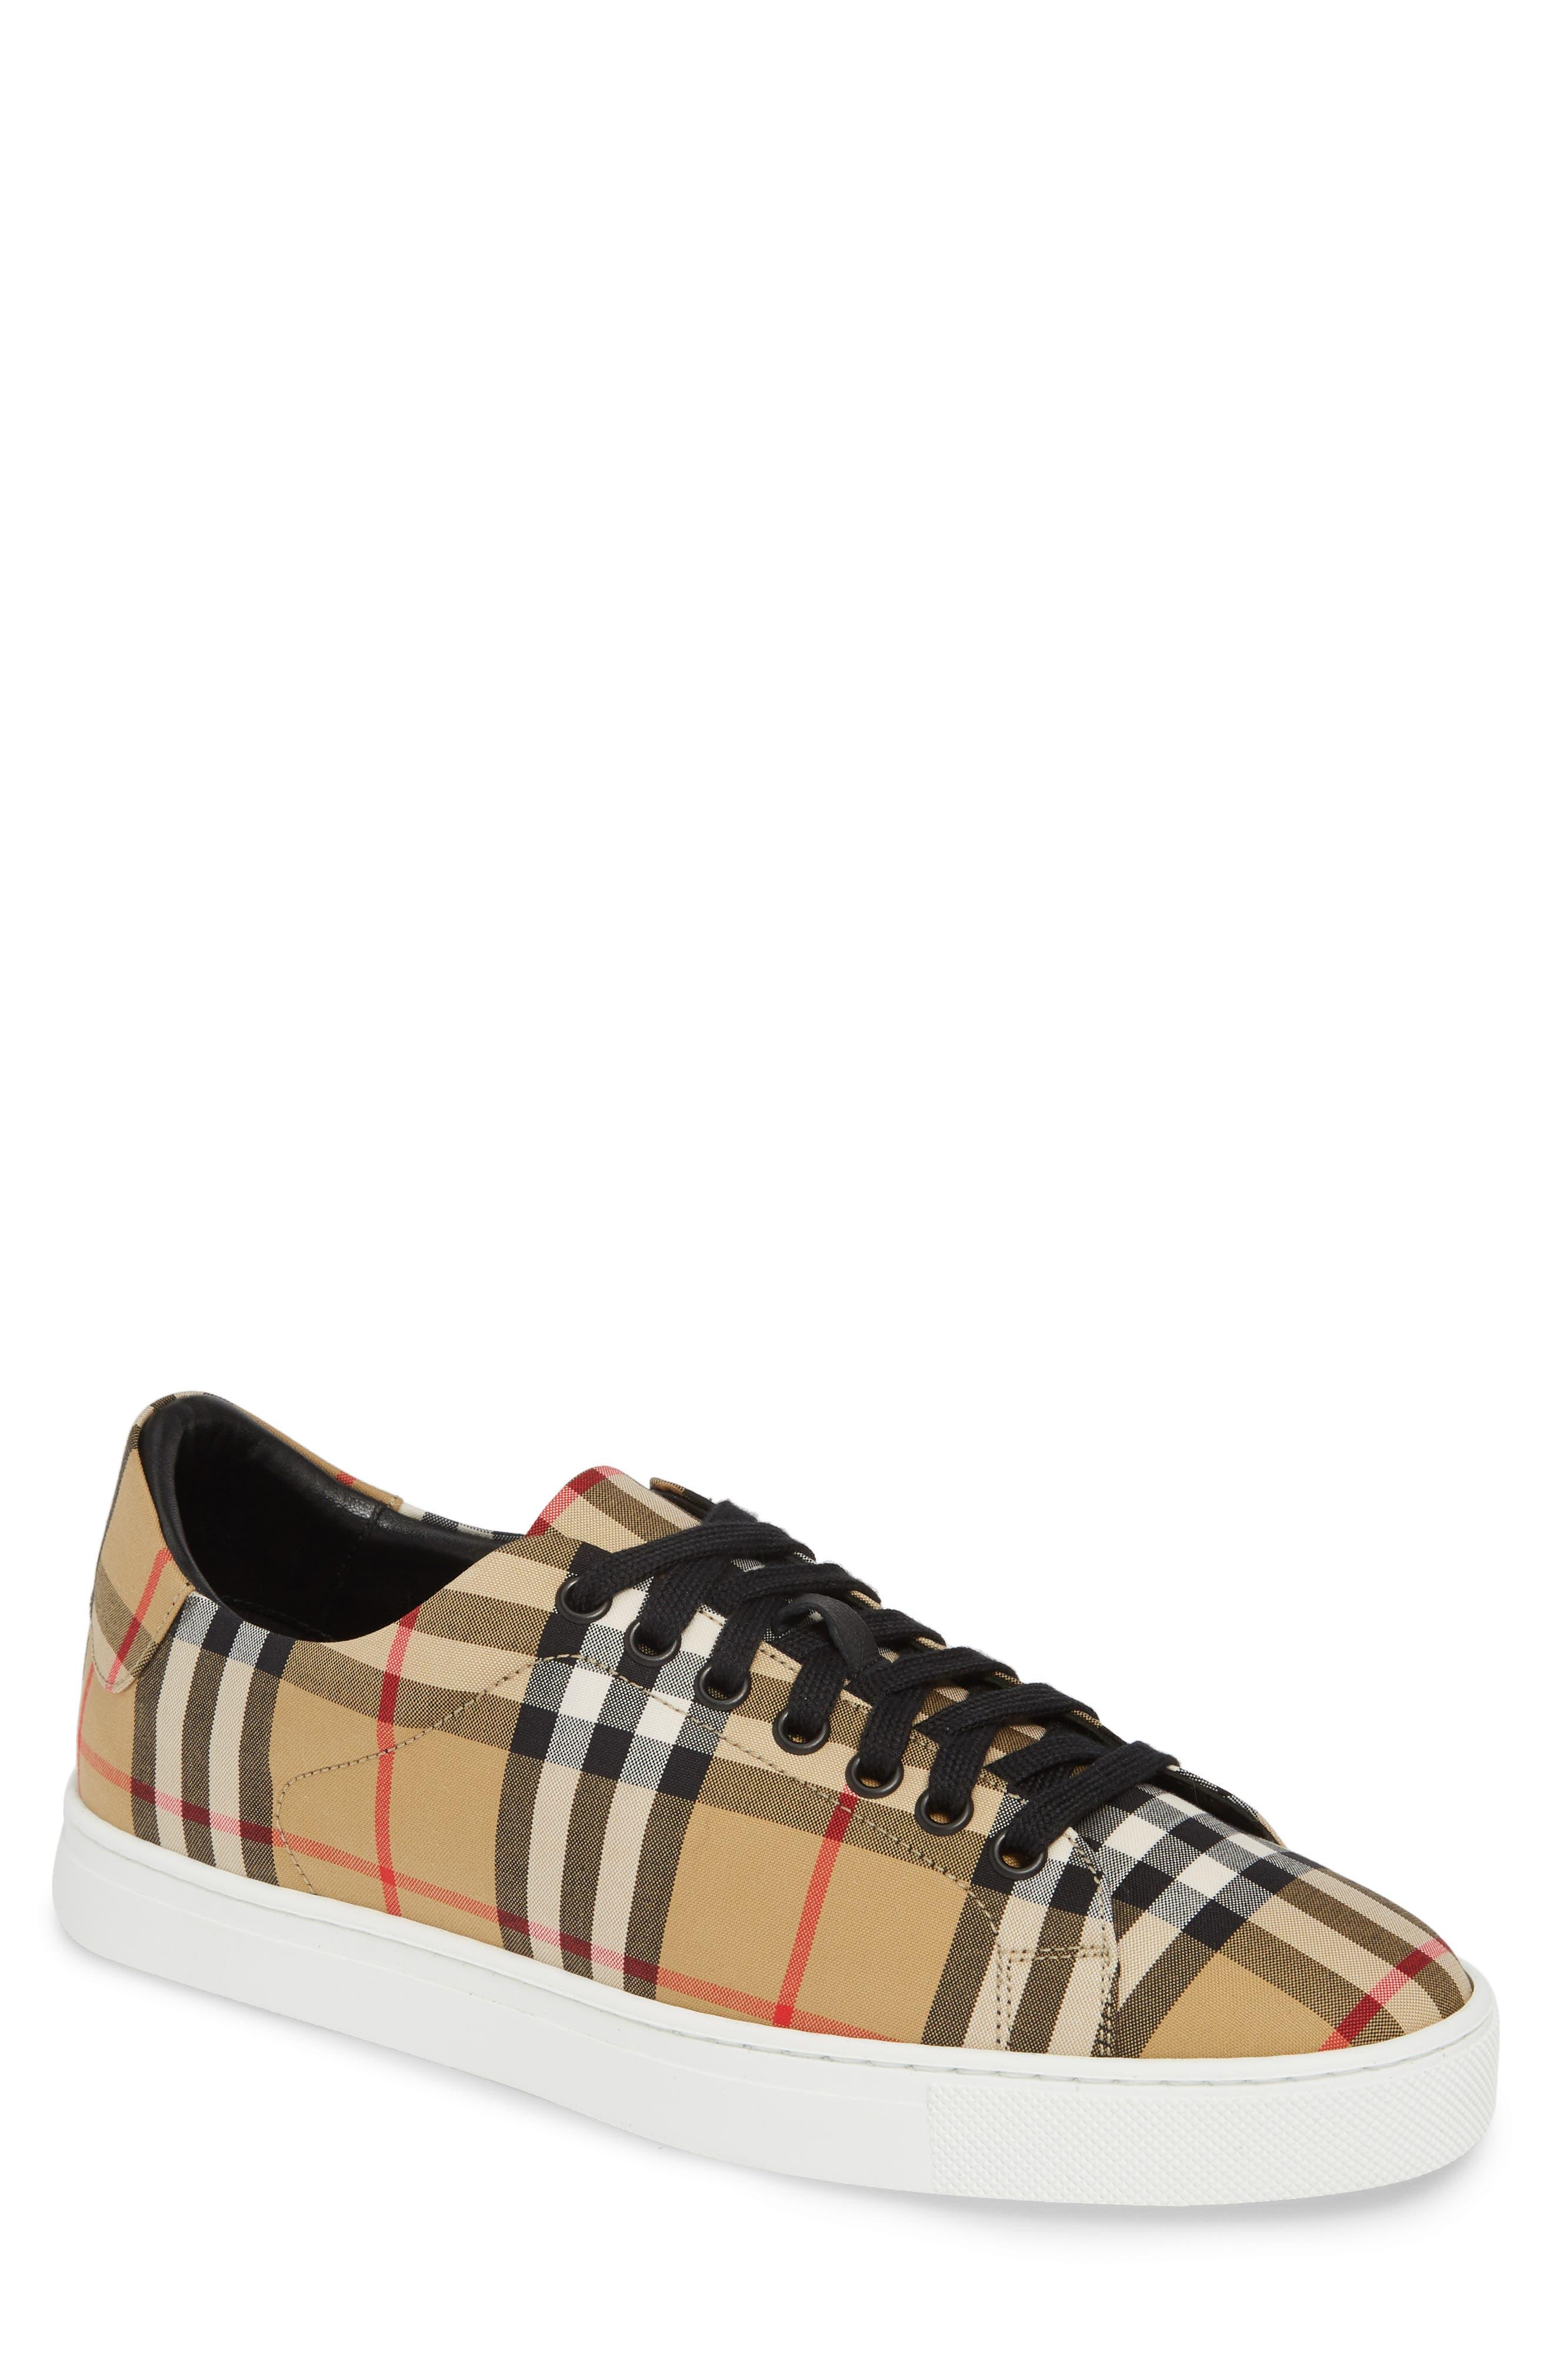 Burberry Albert Sneaker (Men)   Nordstrom